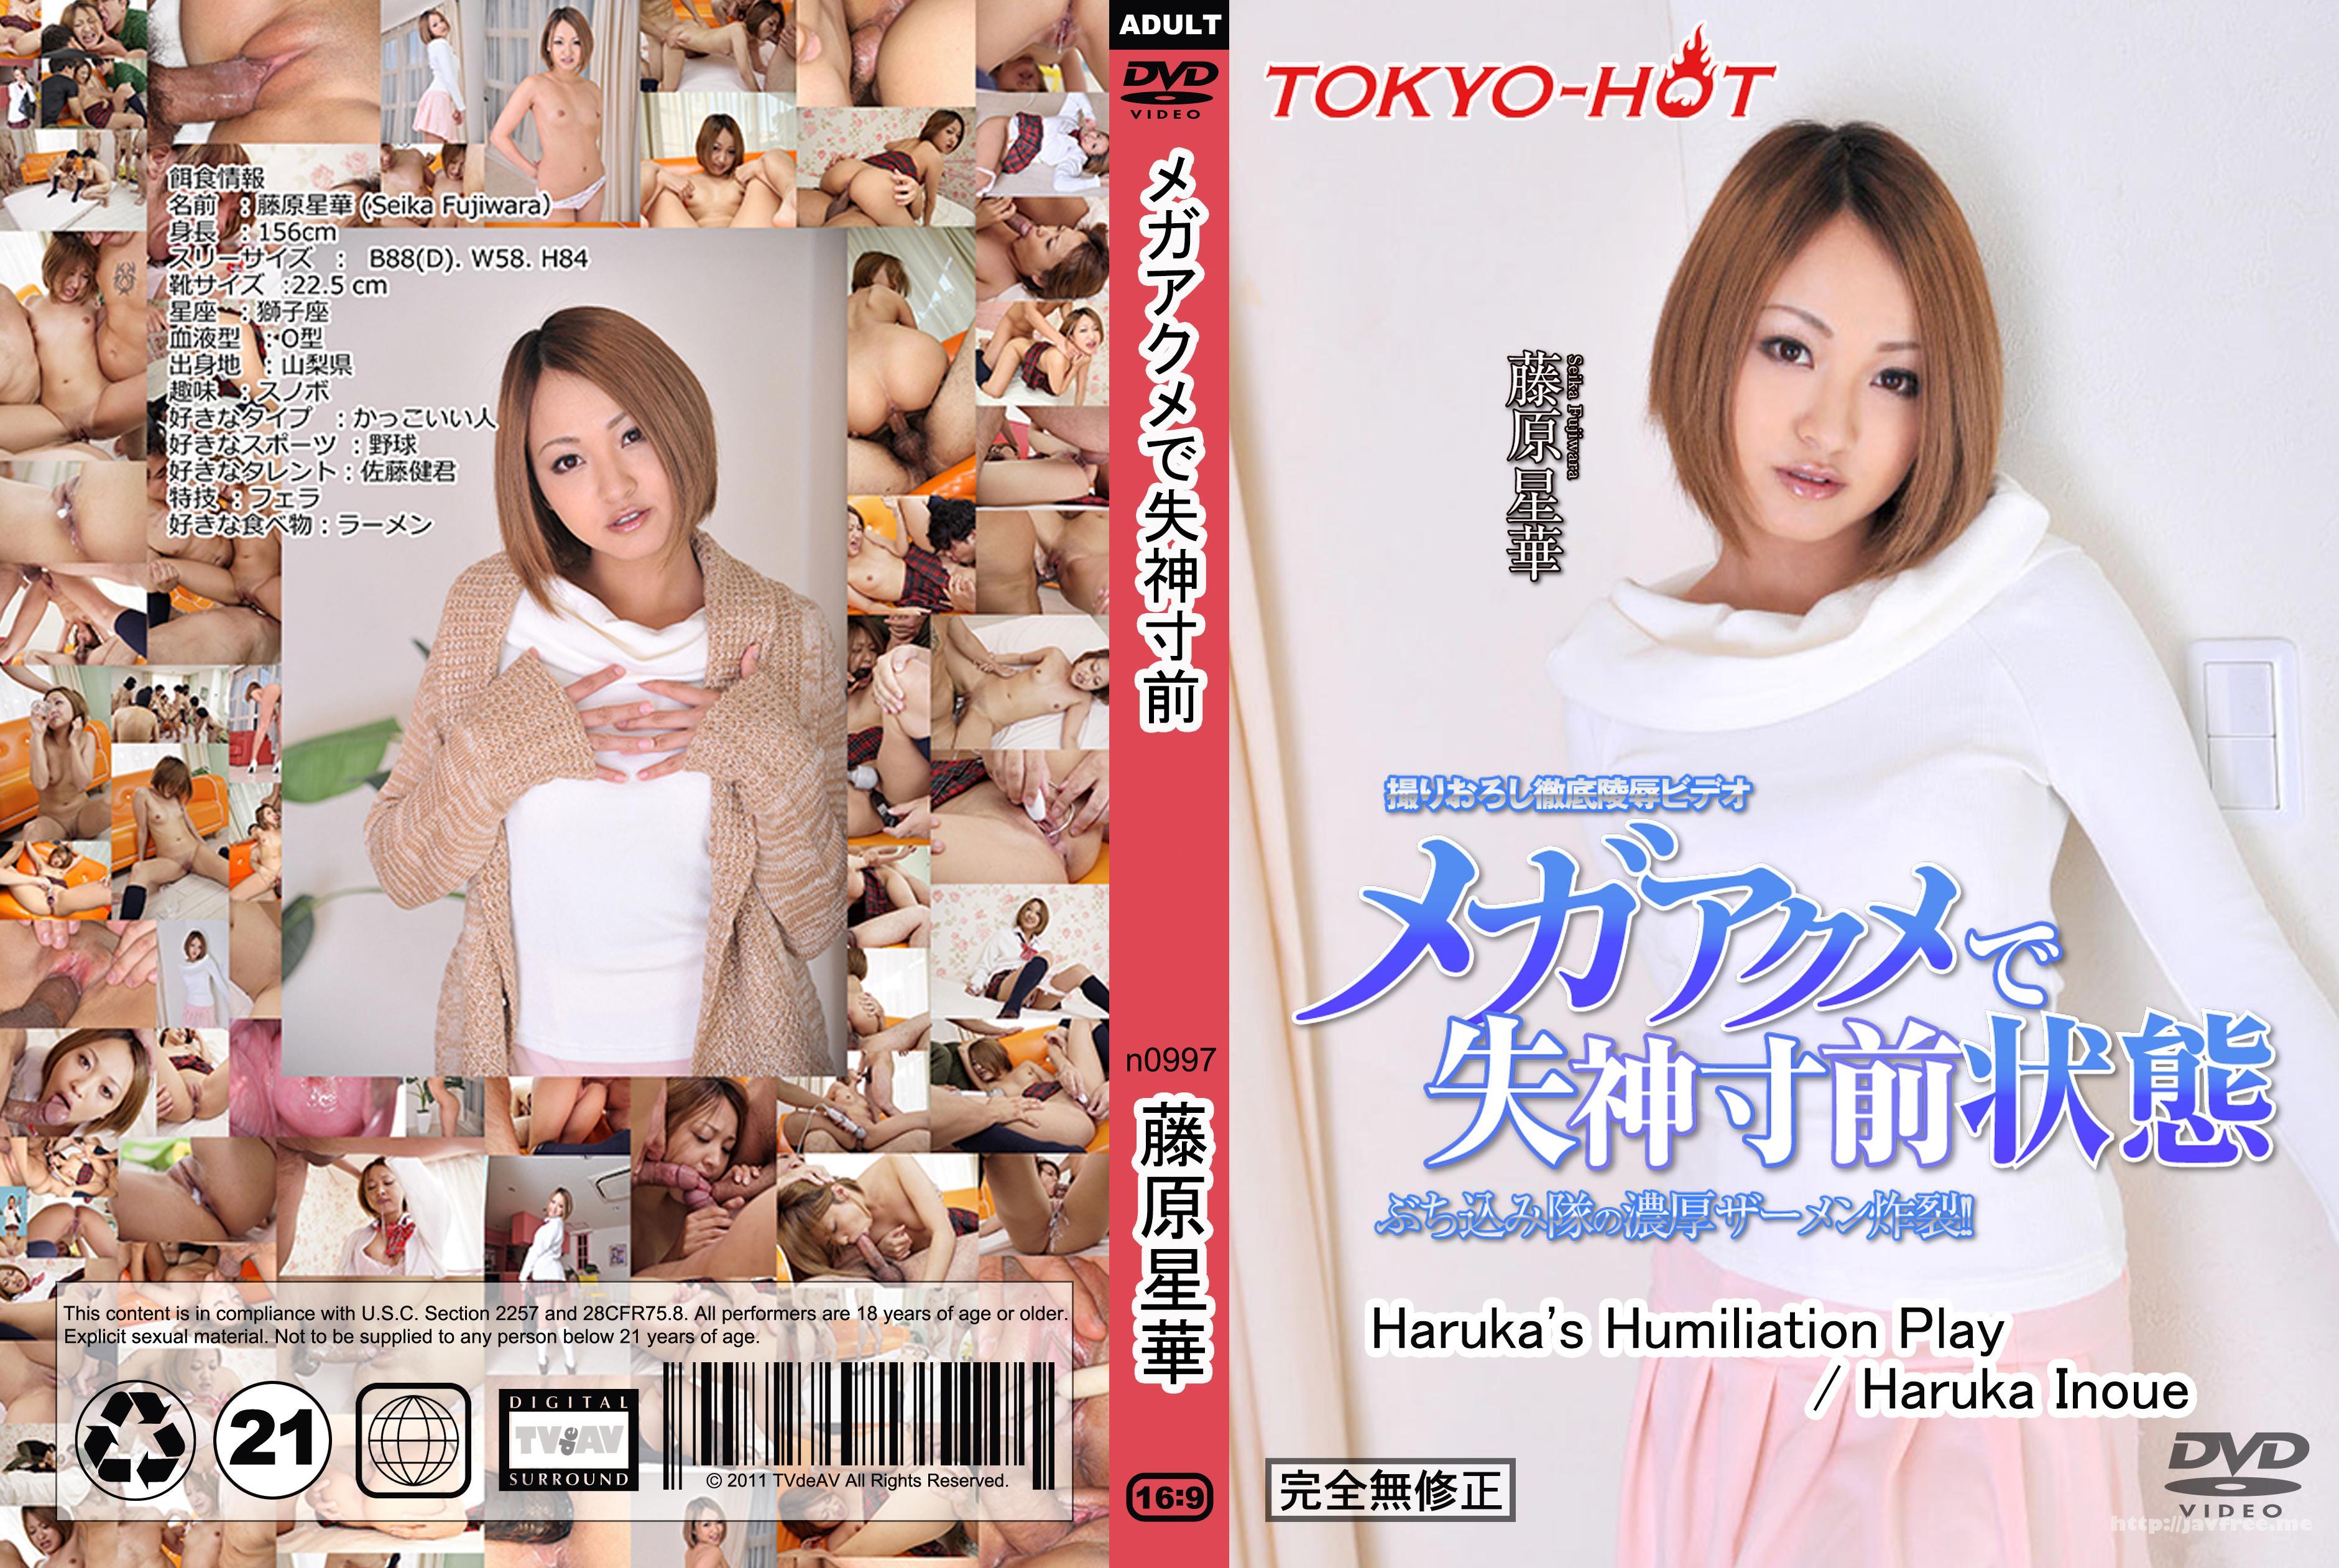 Tokyo Hot n0997 メガアクメで失神寸前 藤原星華 Tokyo Hot